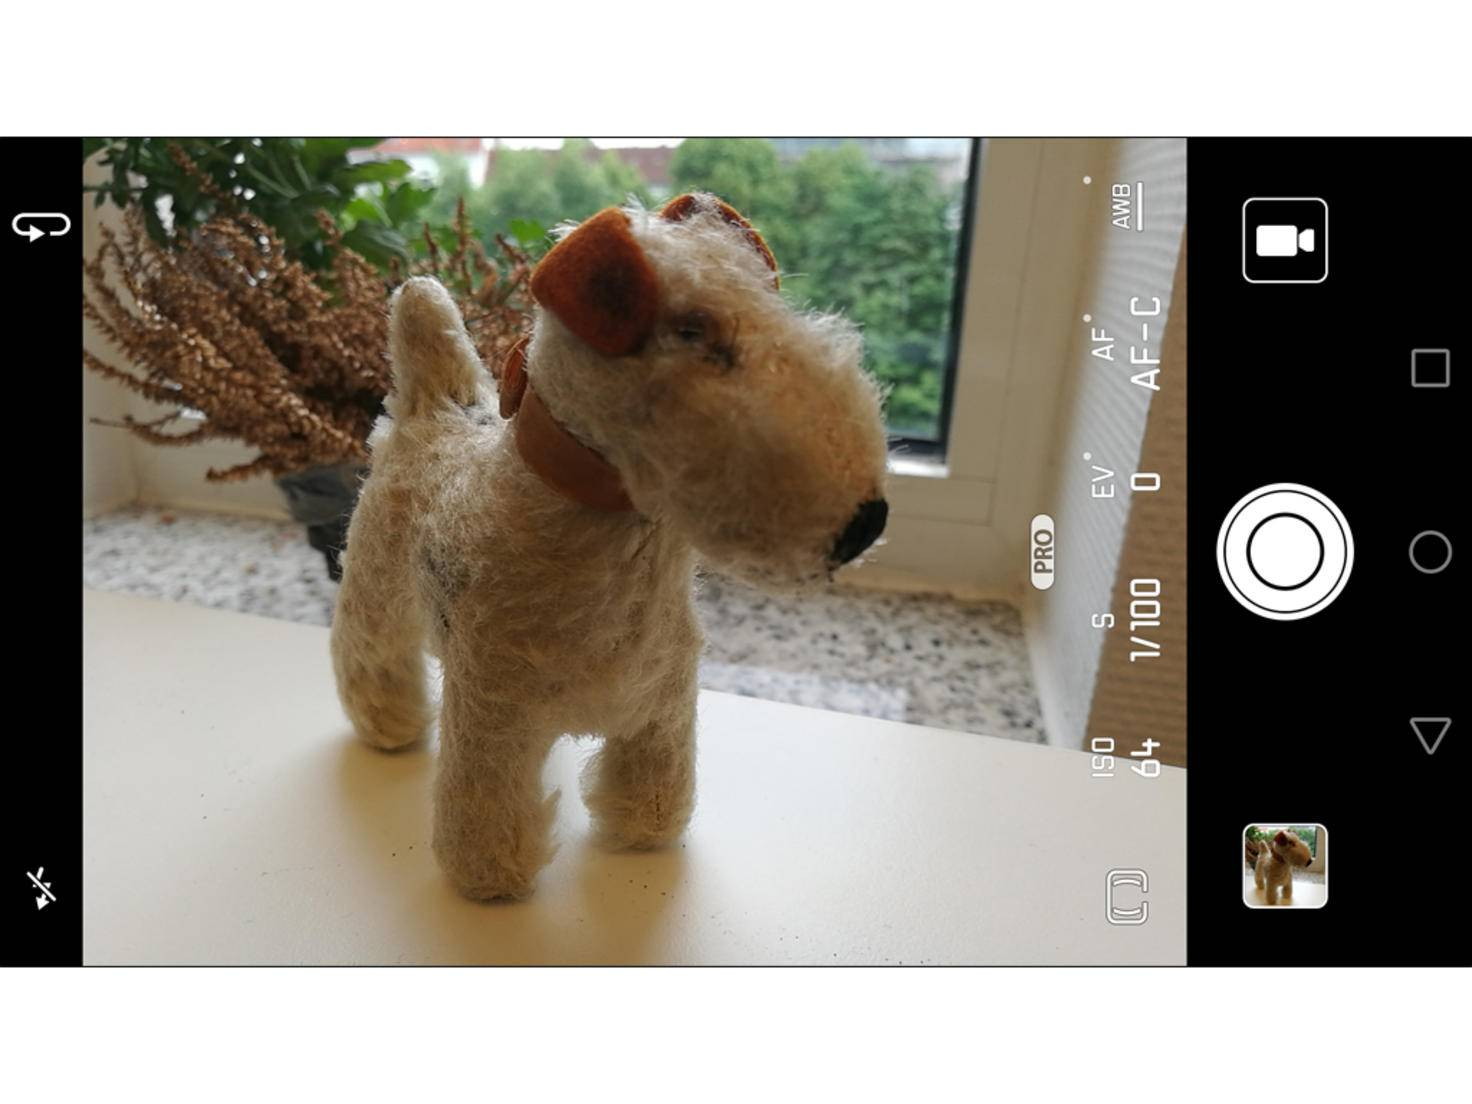 Huawei P9 Screenshot 17